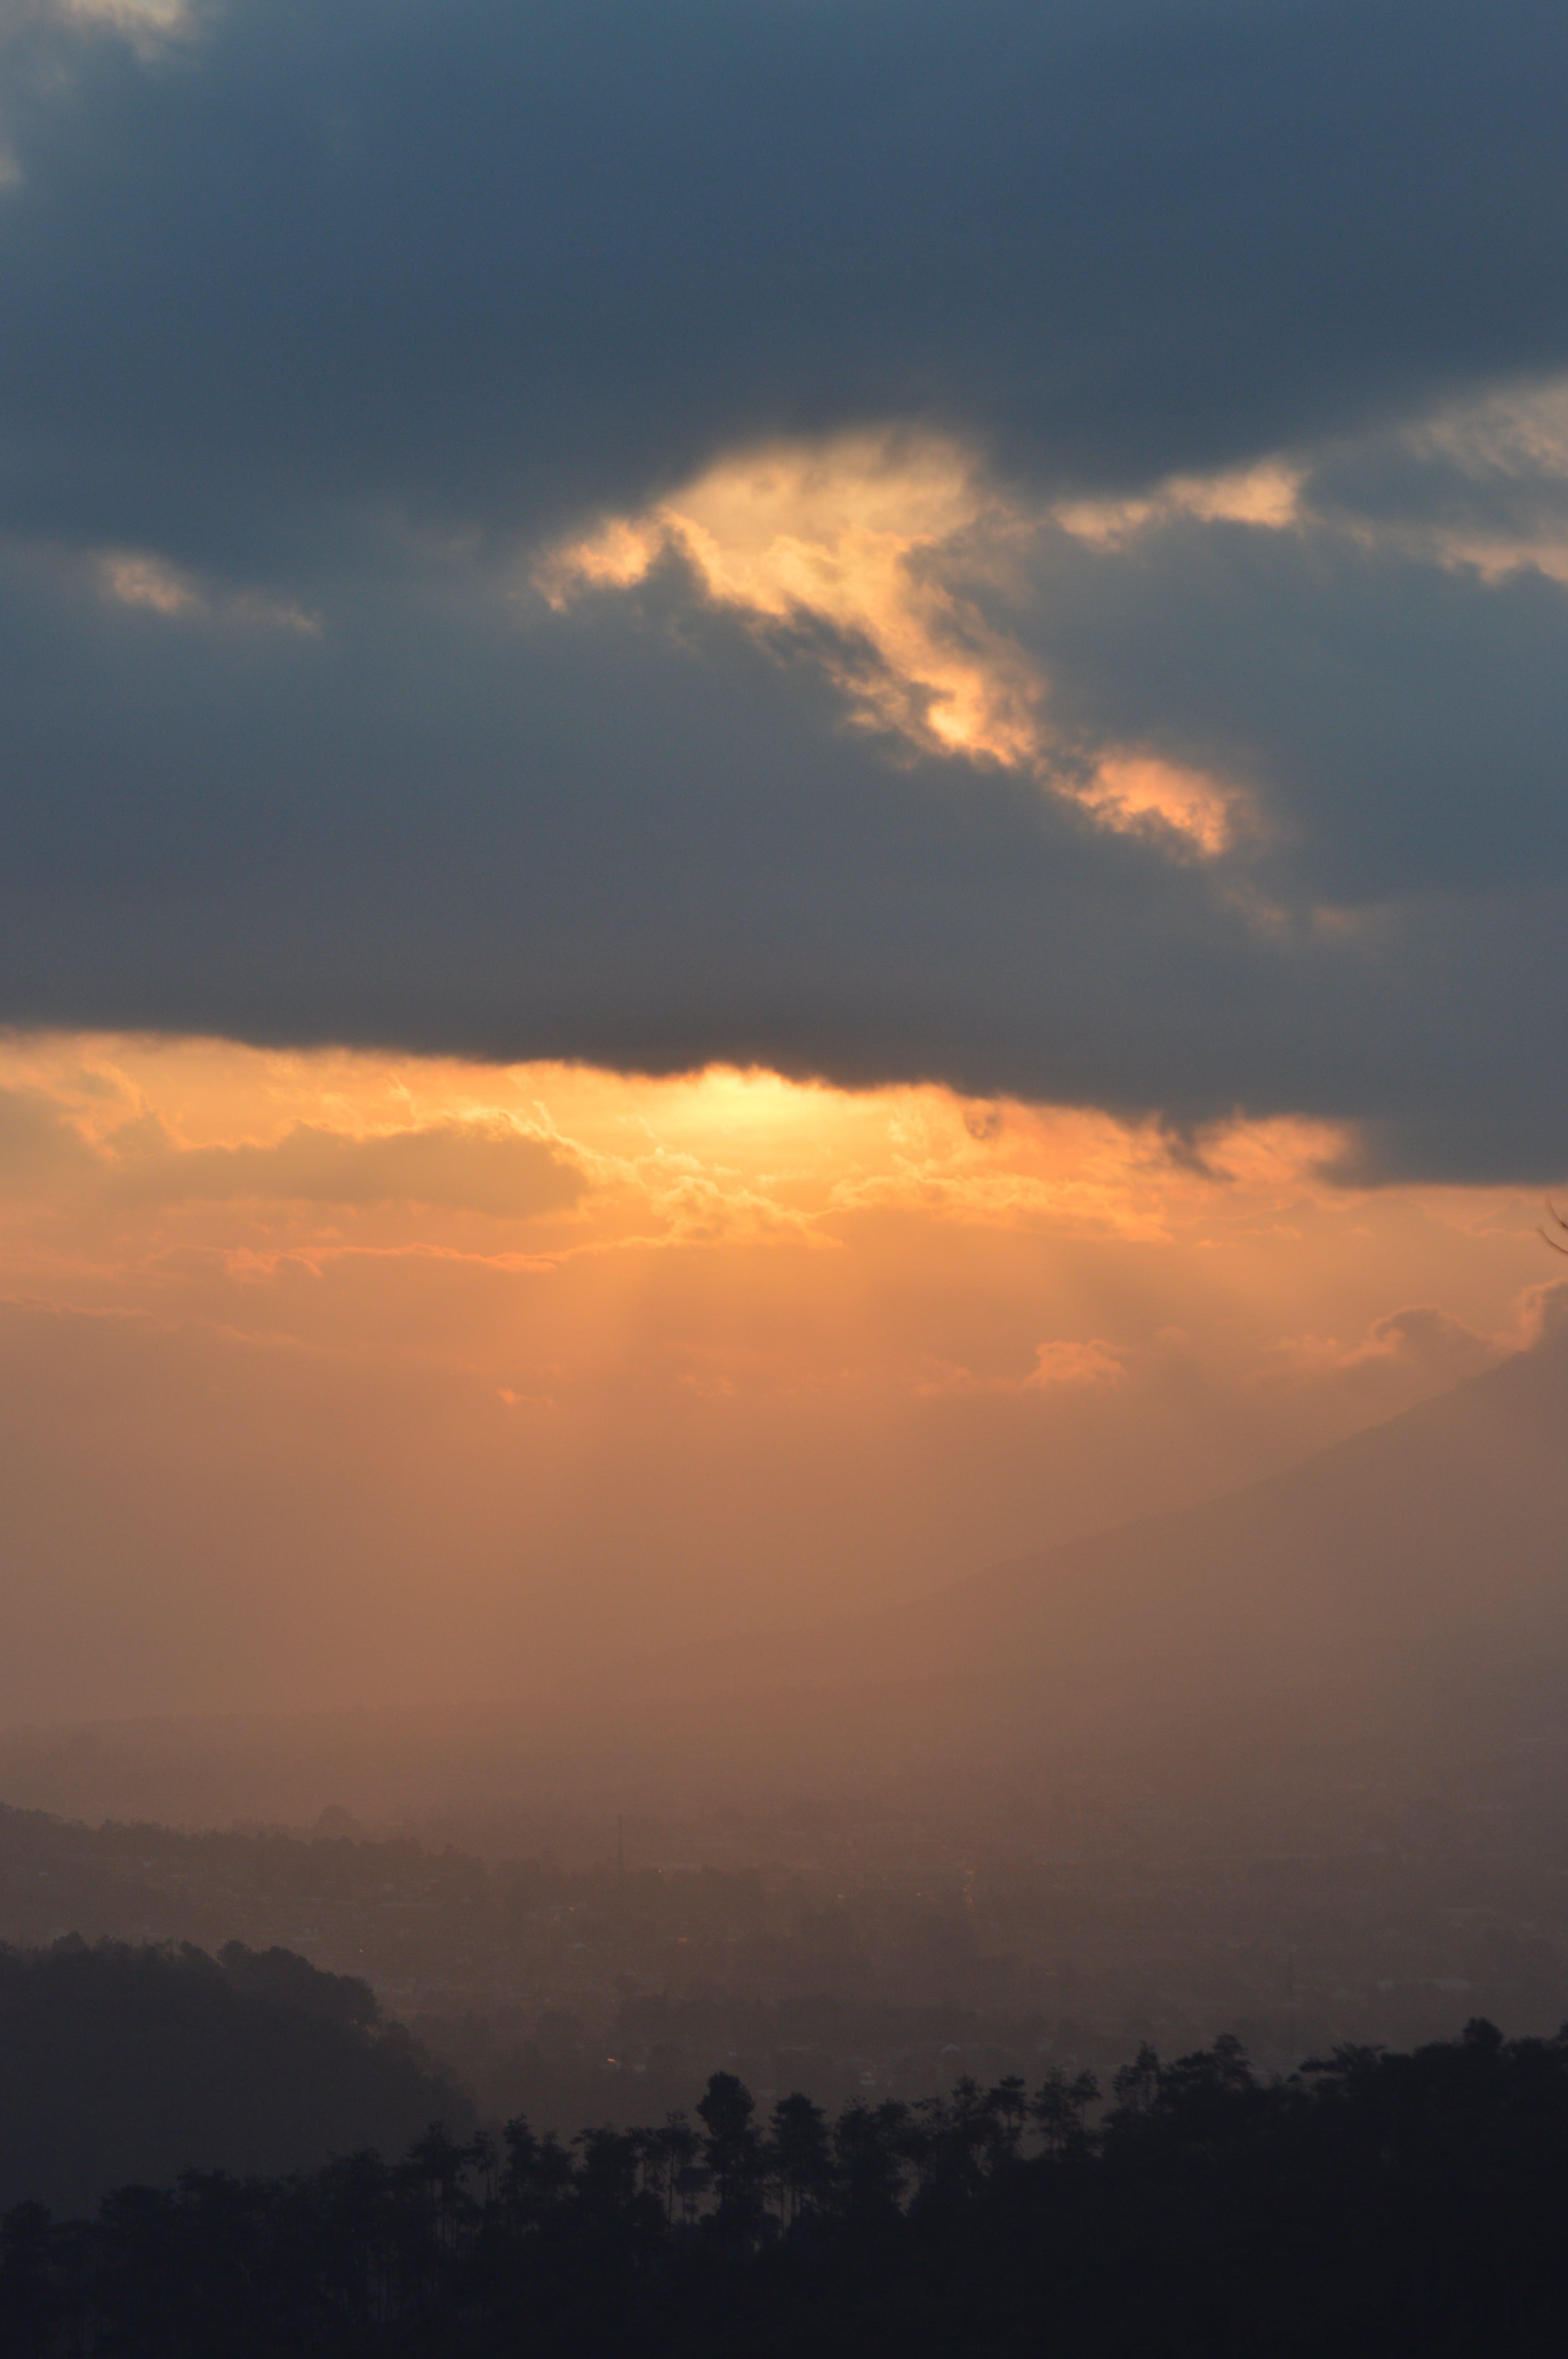 Free stock photo of landscape, nature, sunset, orange sky